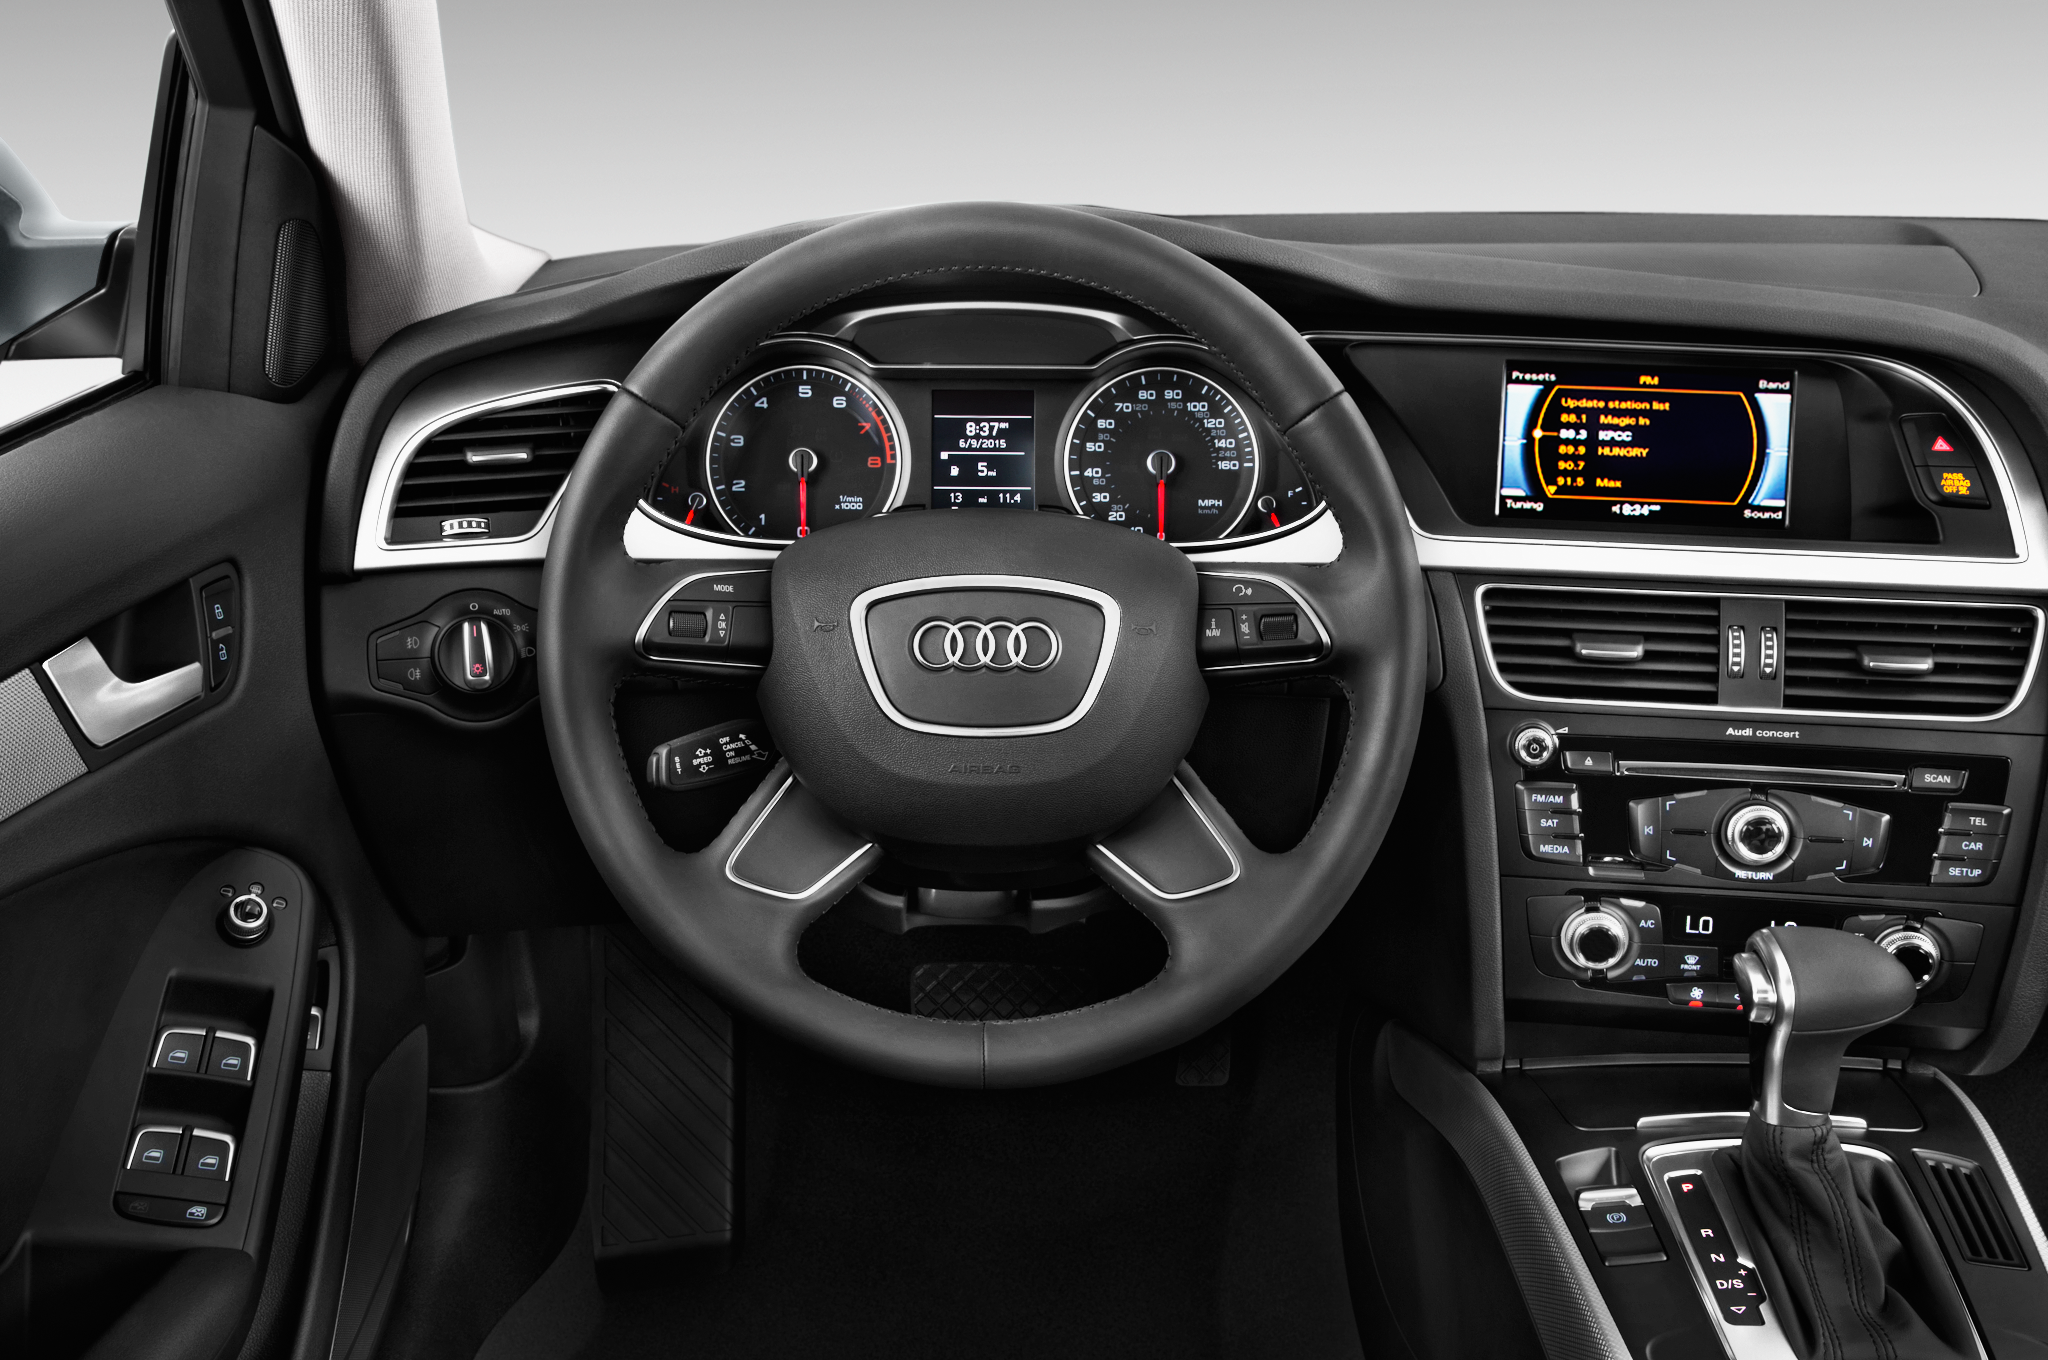 Audi A4 Backgrounds, Compatible - PC, Mobile, Gadgets| 2048x1360 px